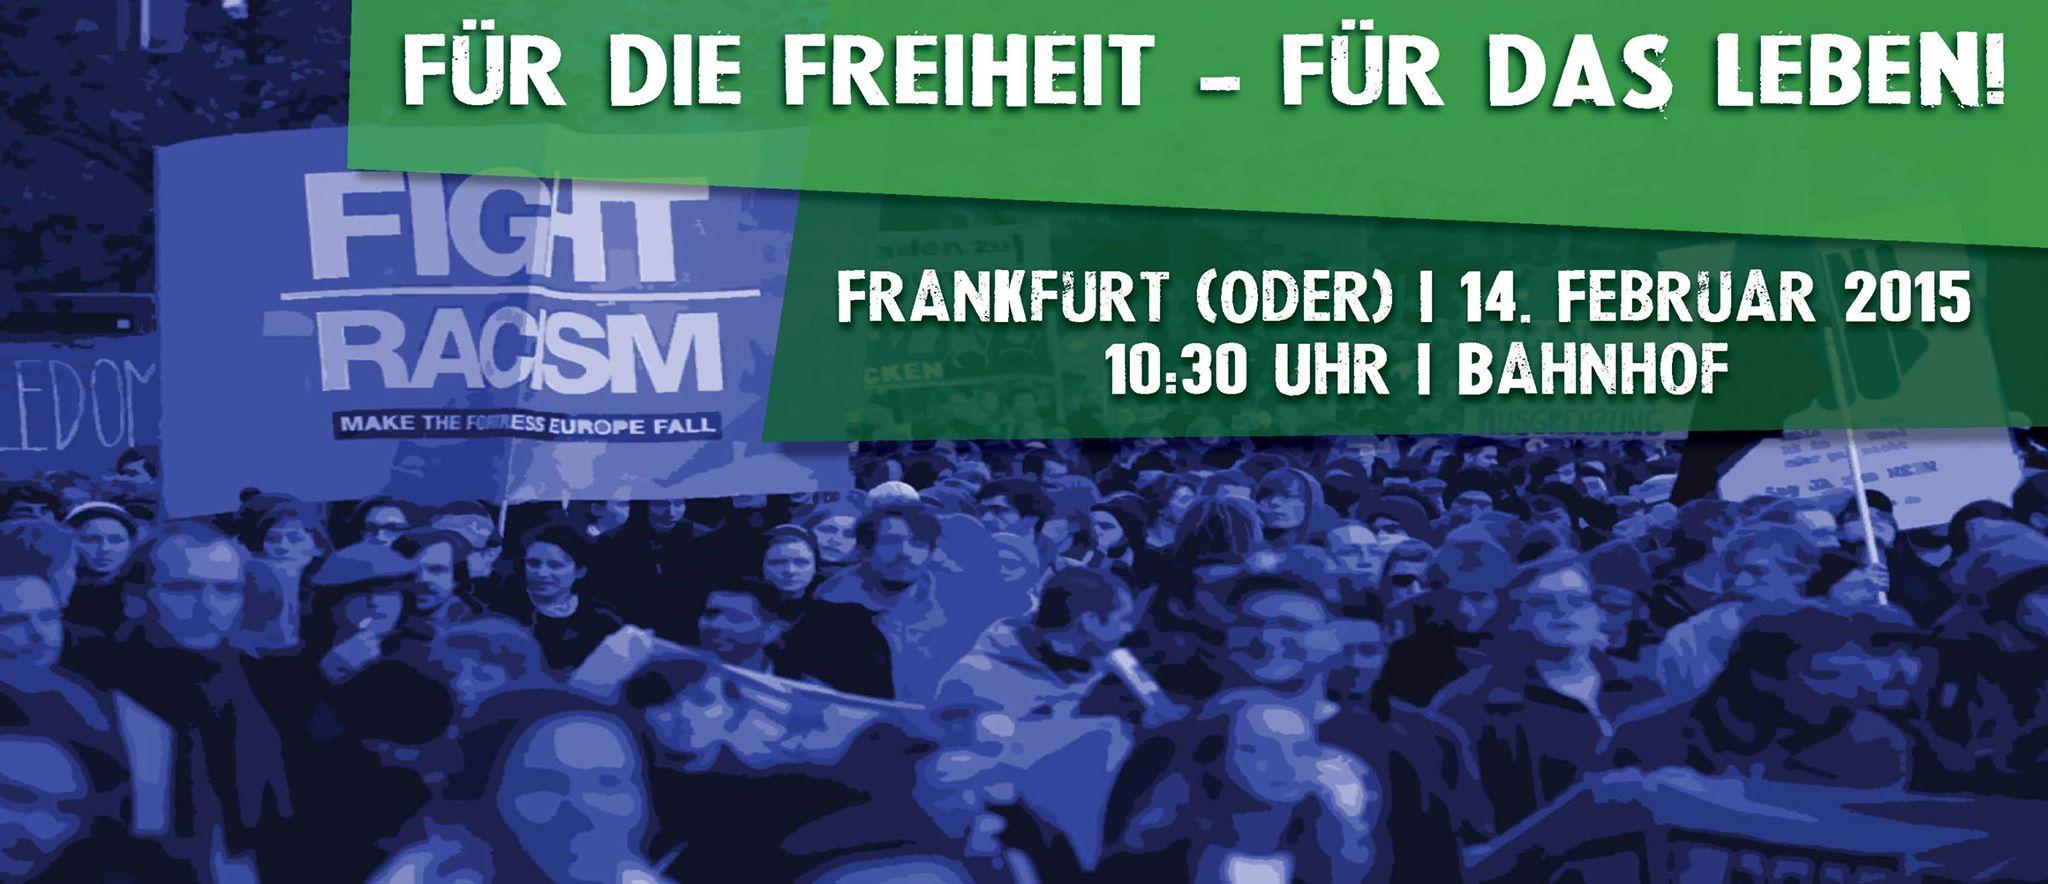 """Aufruf: Kein Platz für Rassismus in Frankfurt (Oder)! """"Für die Freiheit, für das Leben – Solidarität mit Flüchtlingen"""""""